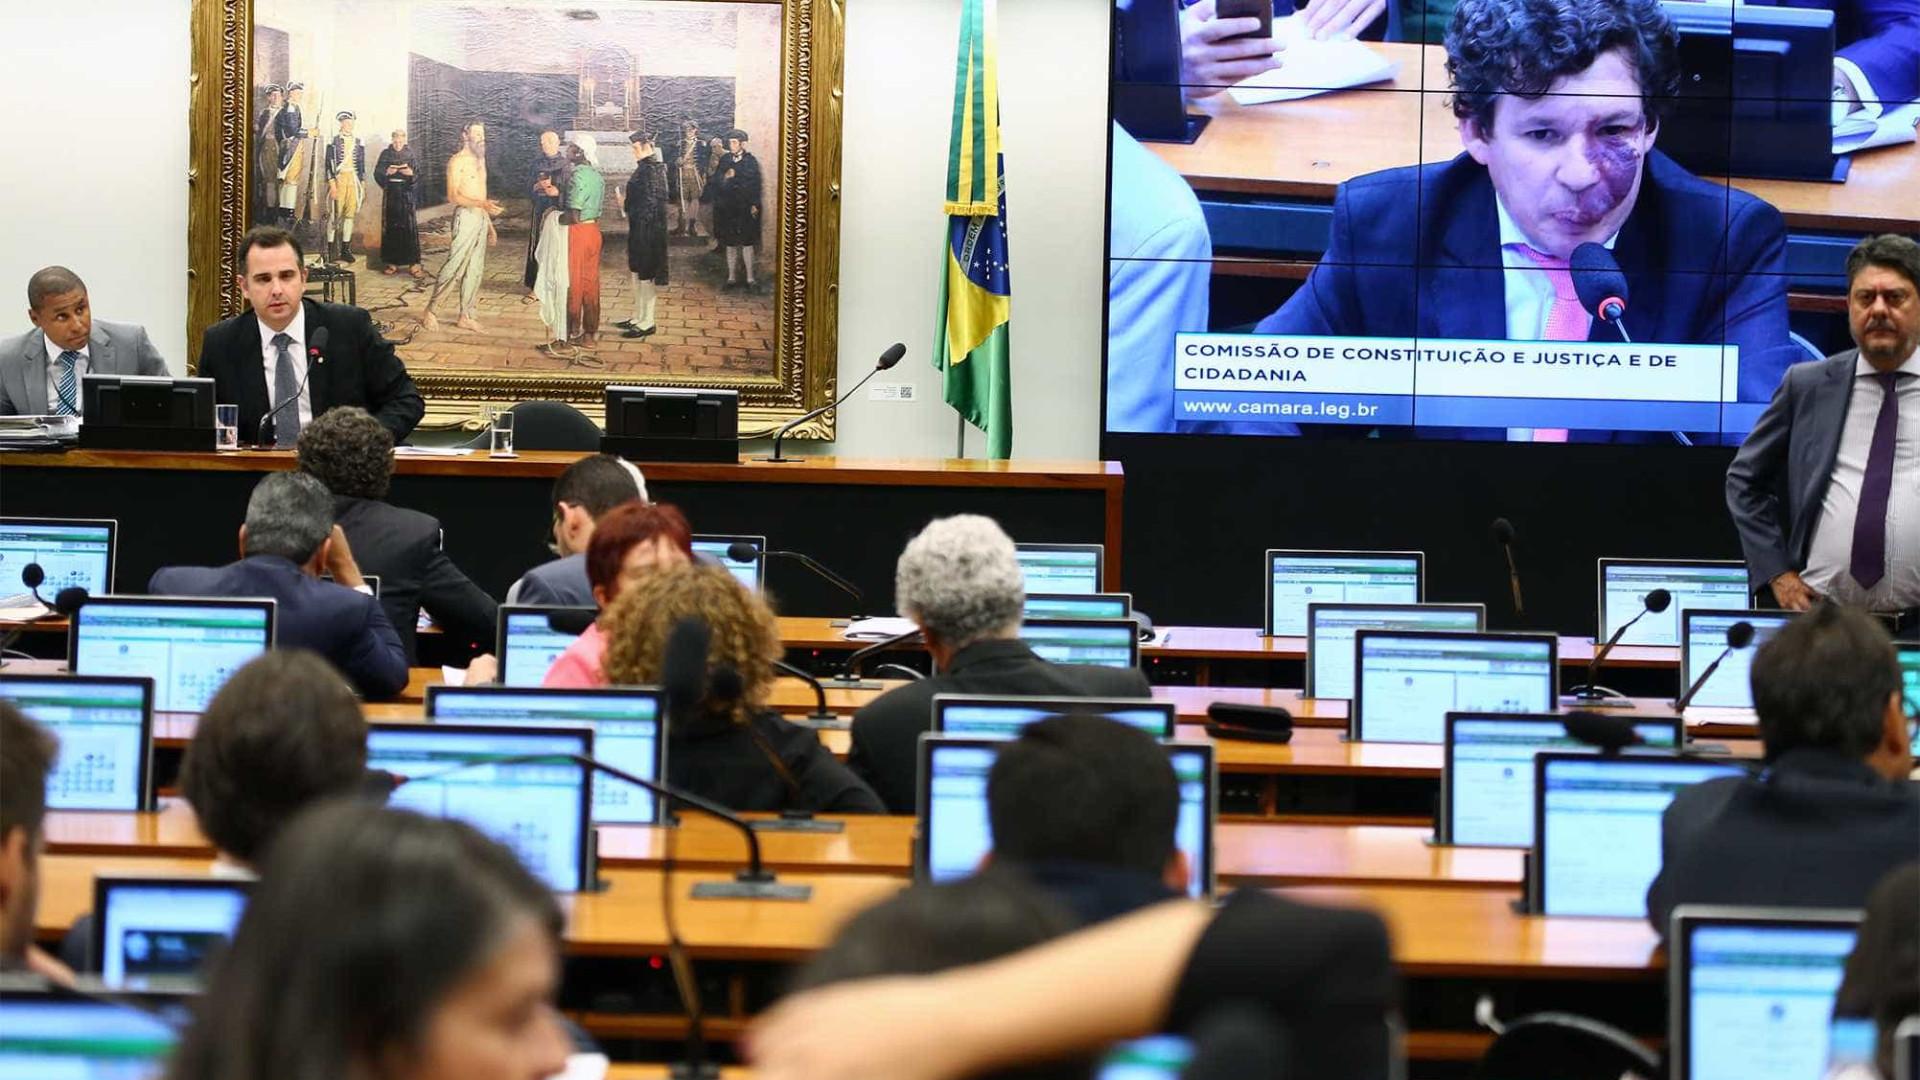 Comissão da Câmara retoma votação de PEC que proíbe aborto